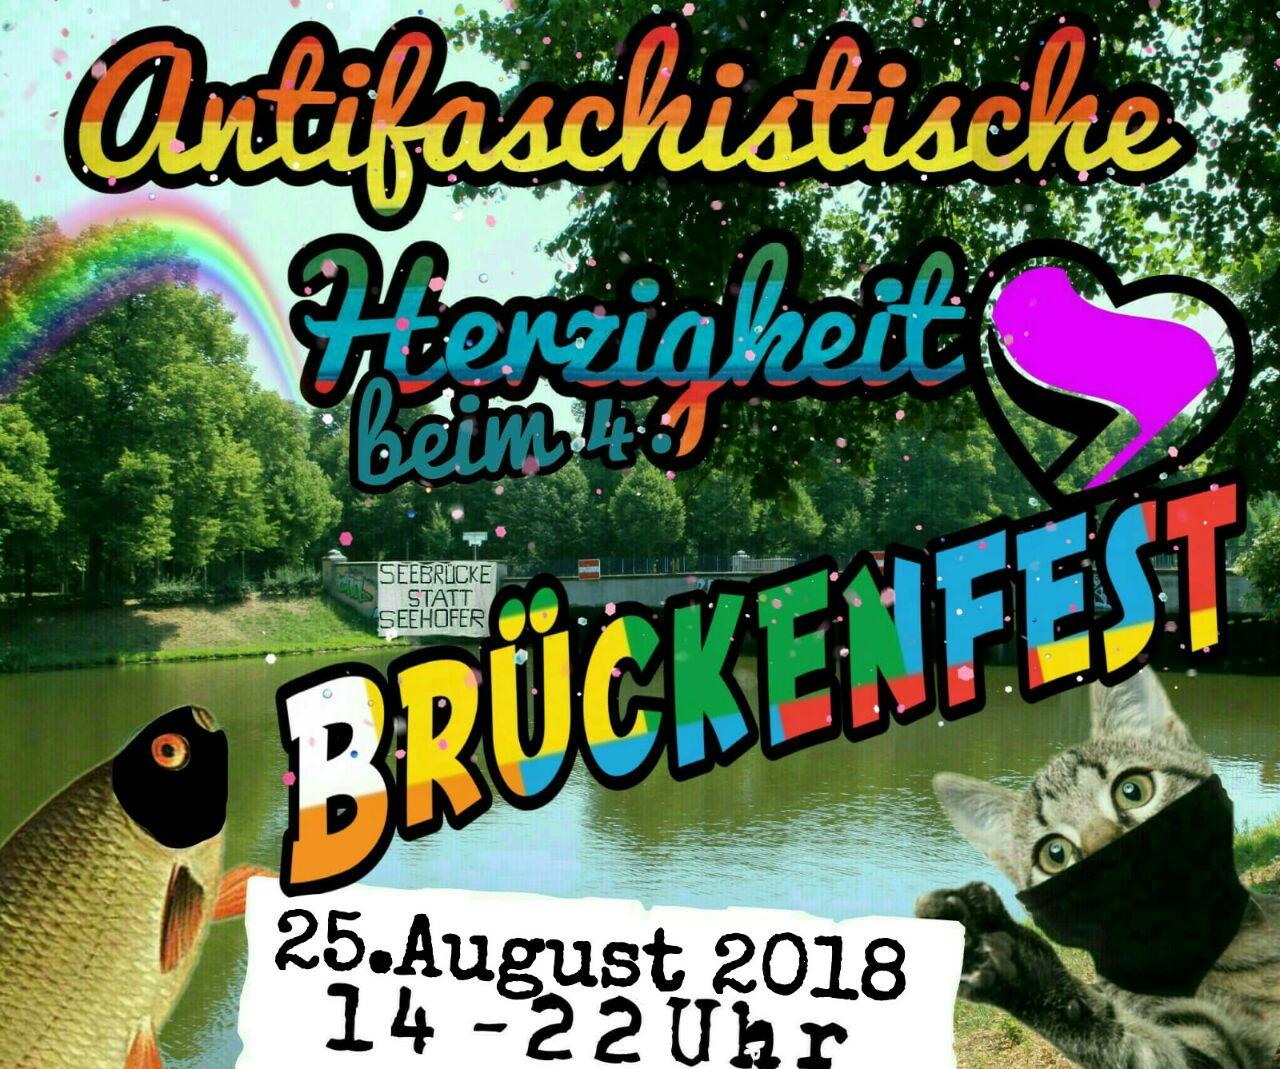 Antifaschistische Herzigkeit beim Brückenfest 25.August 2018 14-22 uhr